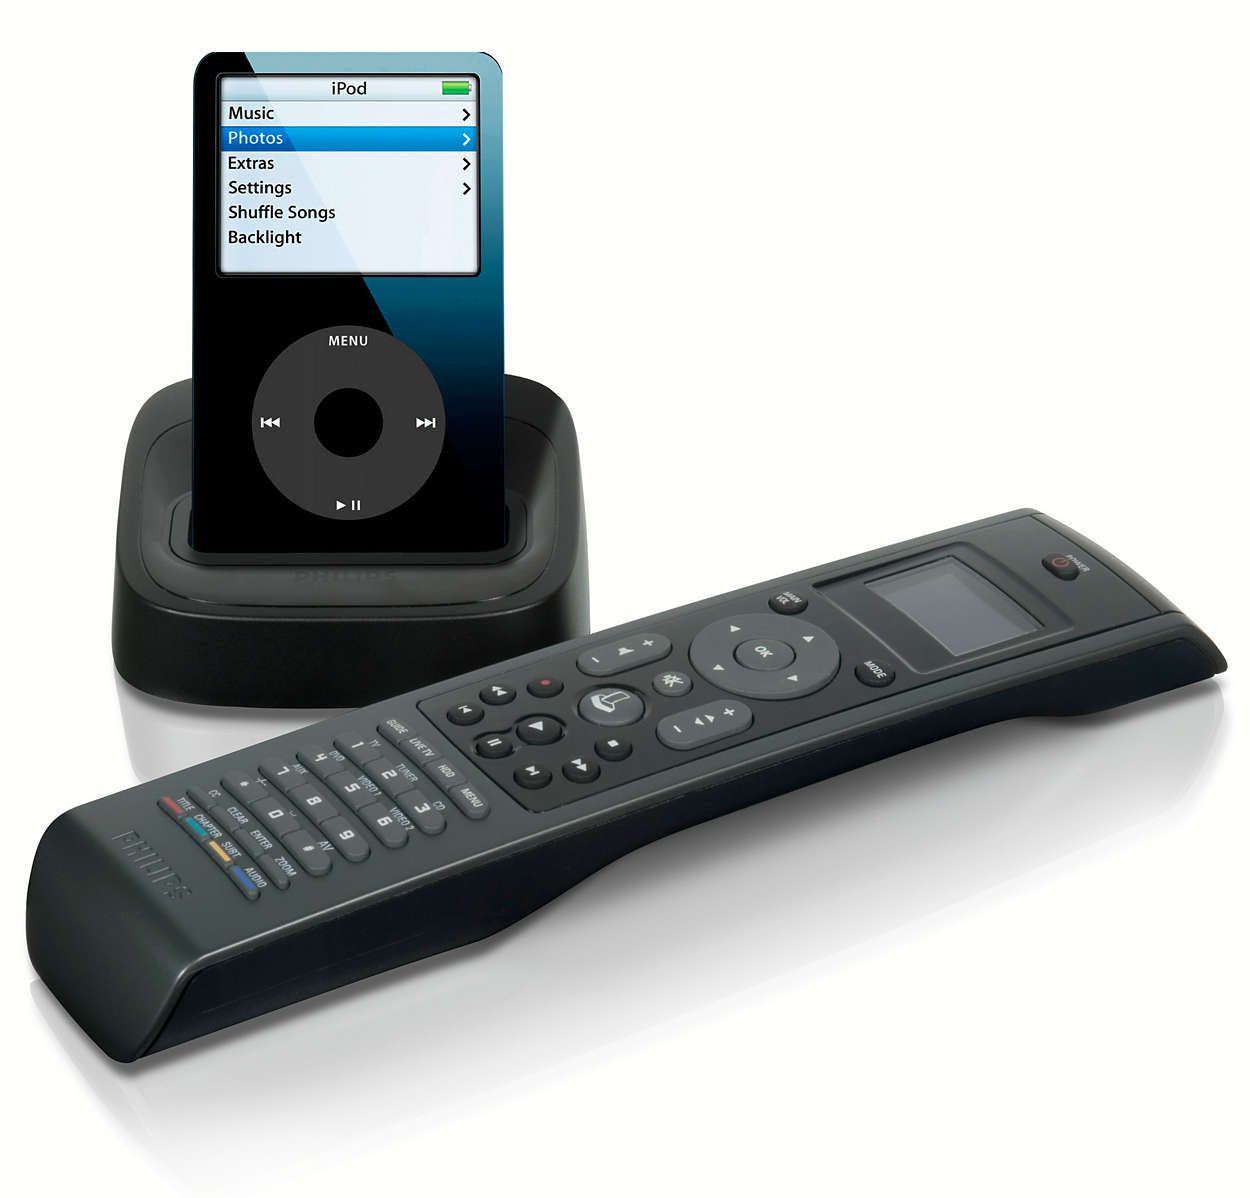 Vzdálené prohlížení zařízení iPod